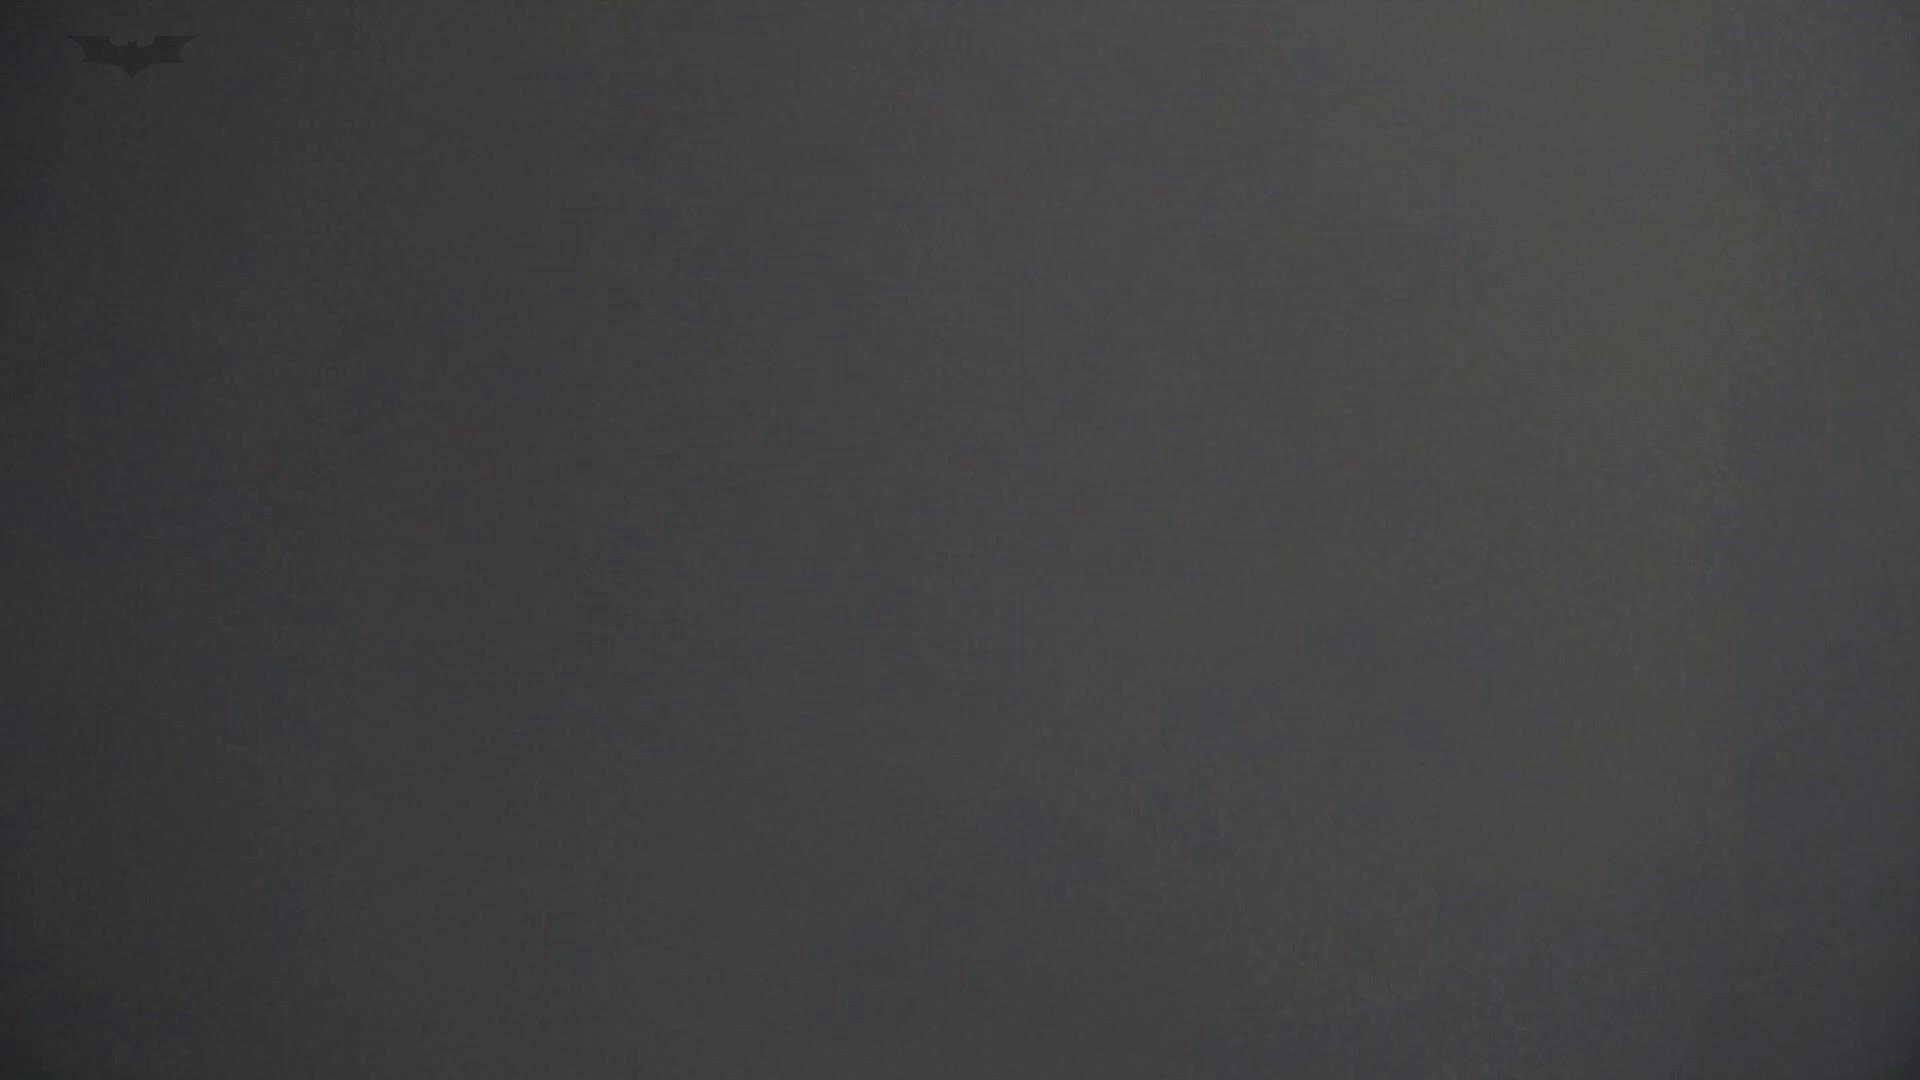 なんだこれVol.12 美魔女登場、 HD万歳!! 違いが判る映像美!! テクニック   エッチすぎるOL達  102連発 46